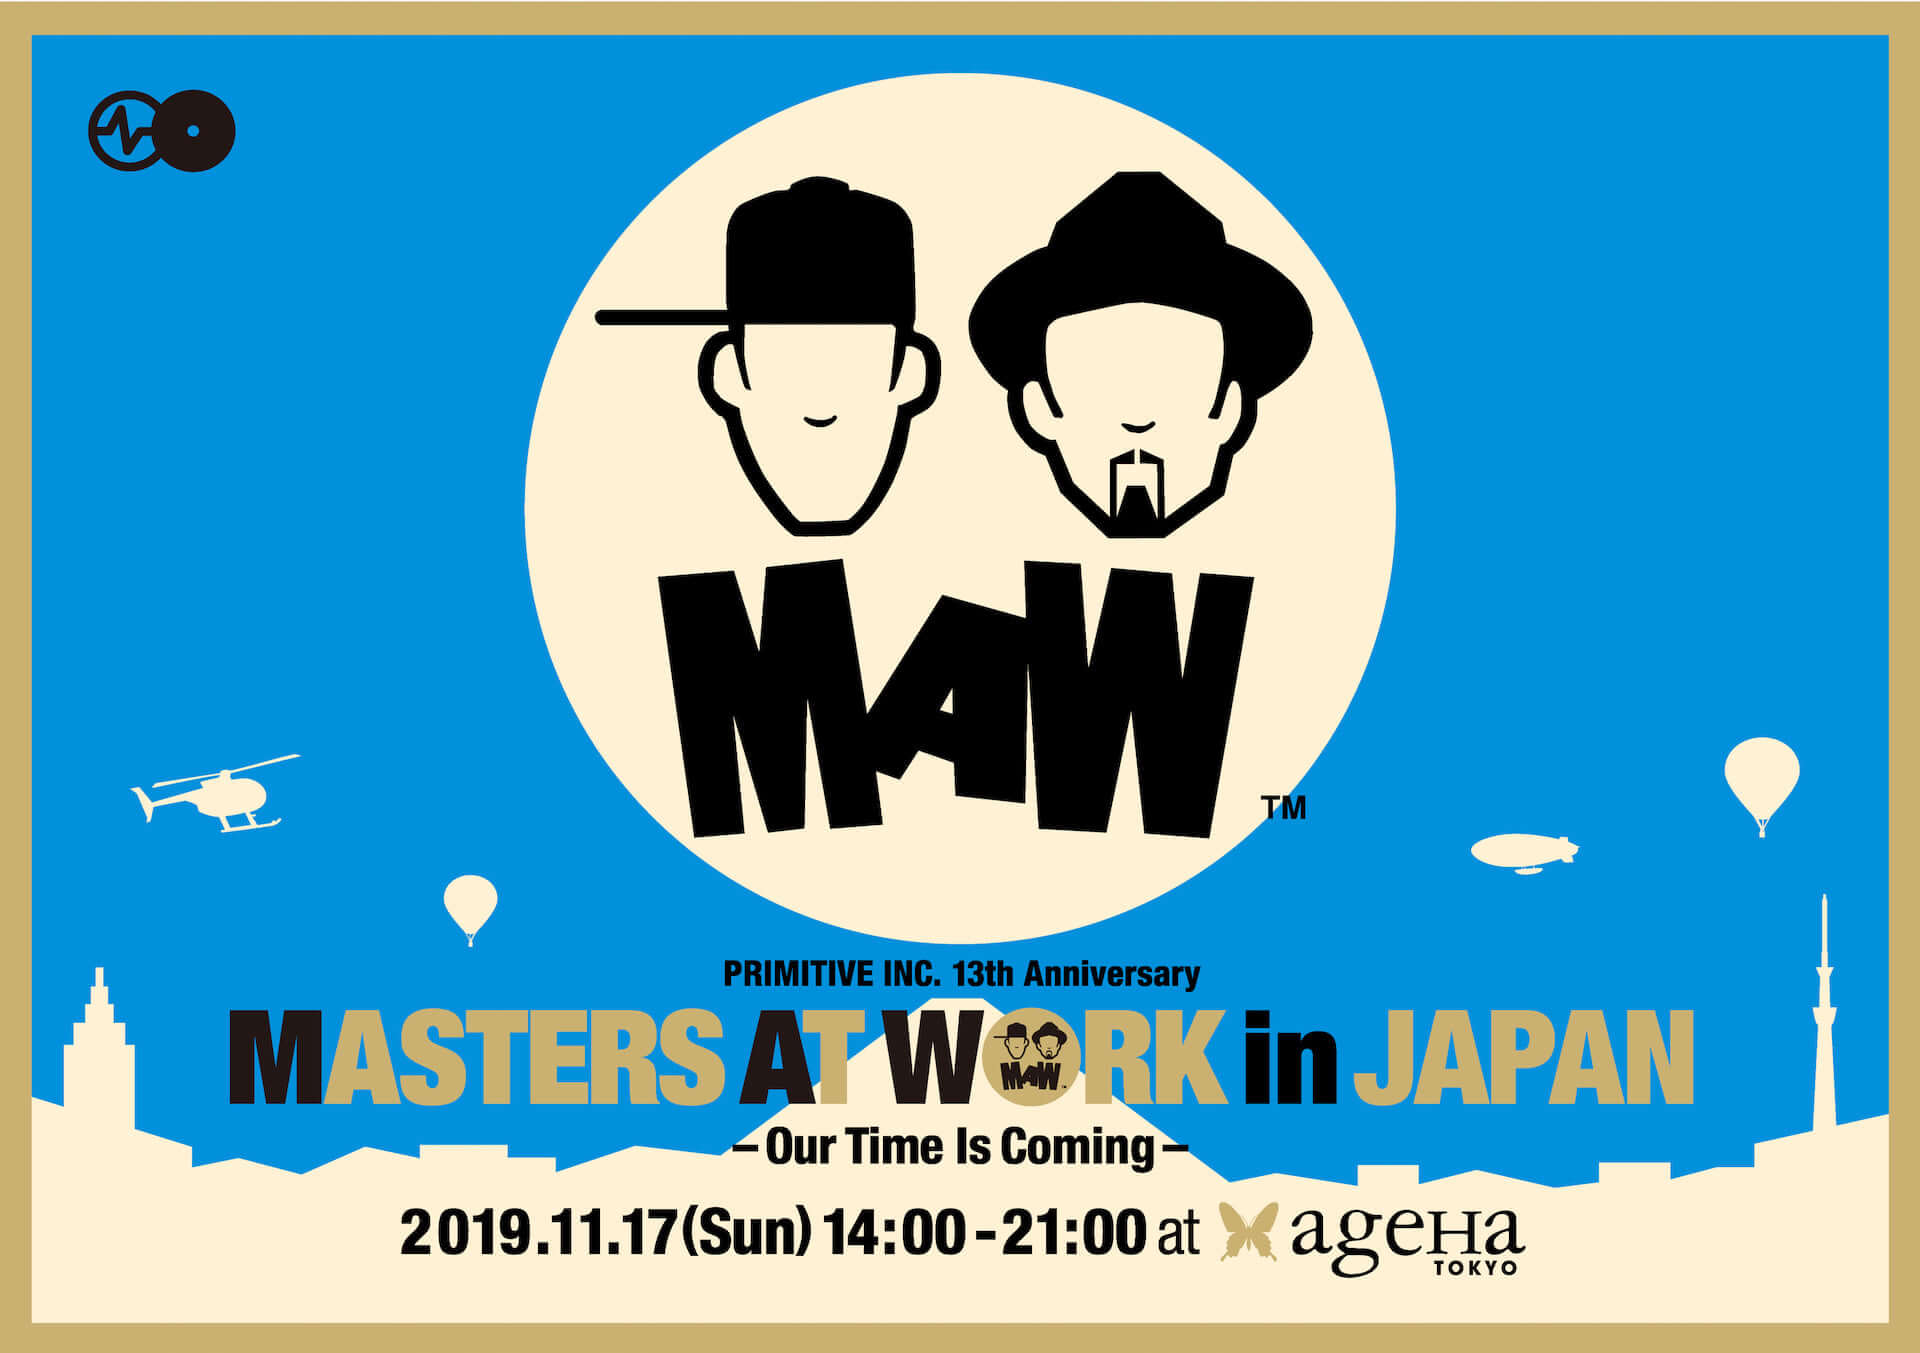 ルイー・ベガとケニー・ドープによる<MASTERS AT WORK in JAPAN>最終ラインナップが発表|okadadaやDazzle Drums、Mayurashkaらが登場 music191023_maw_main-1920x1353